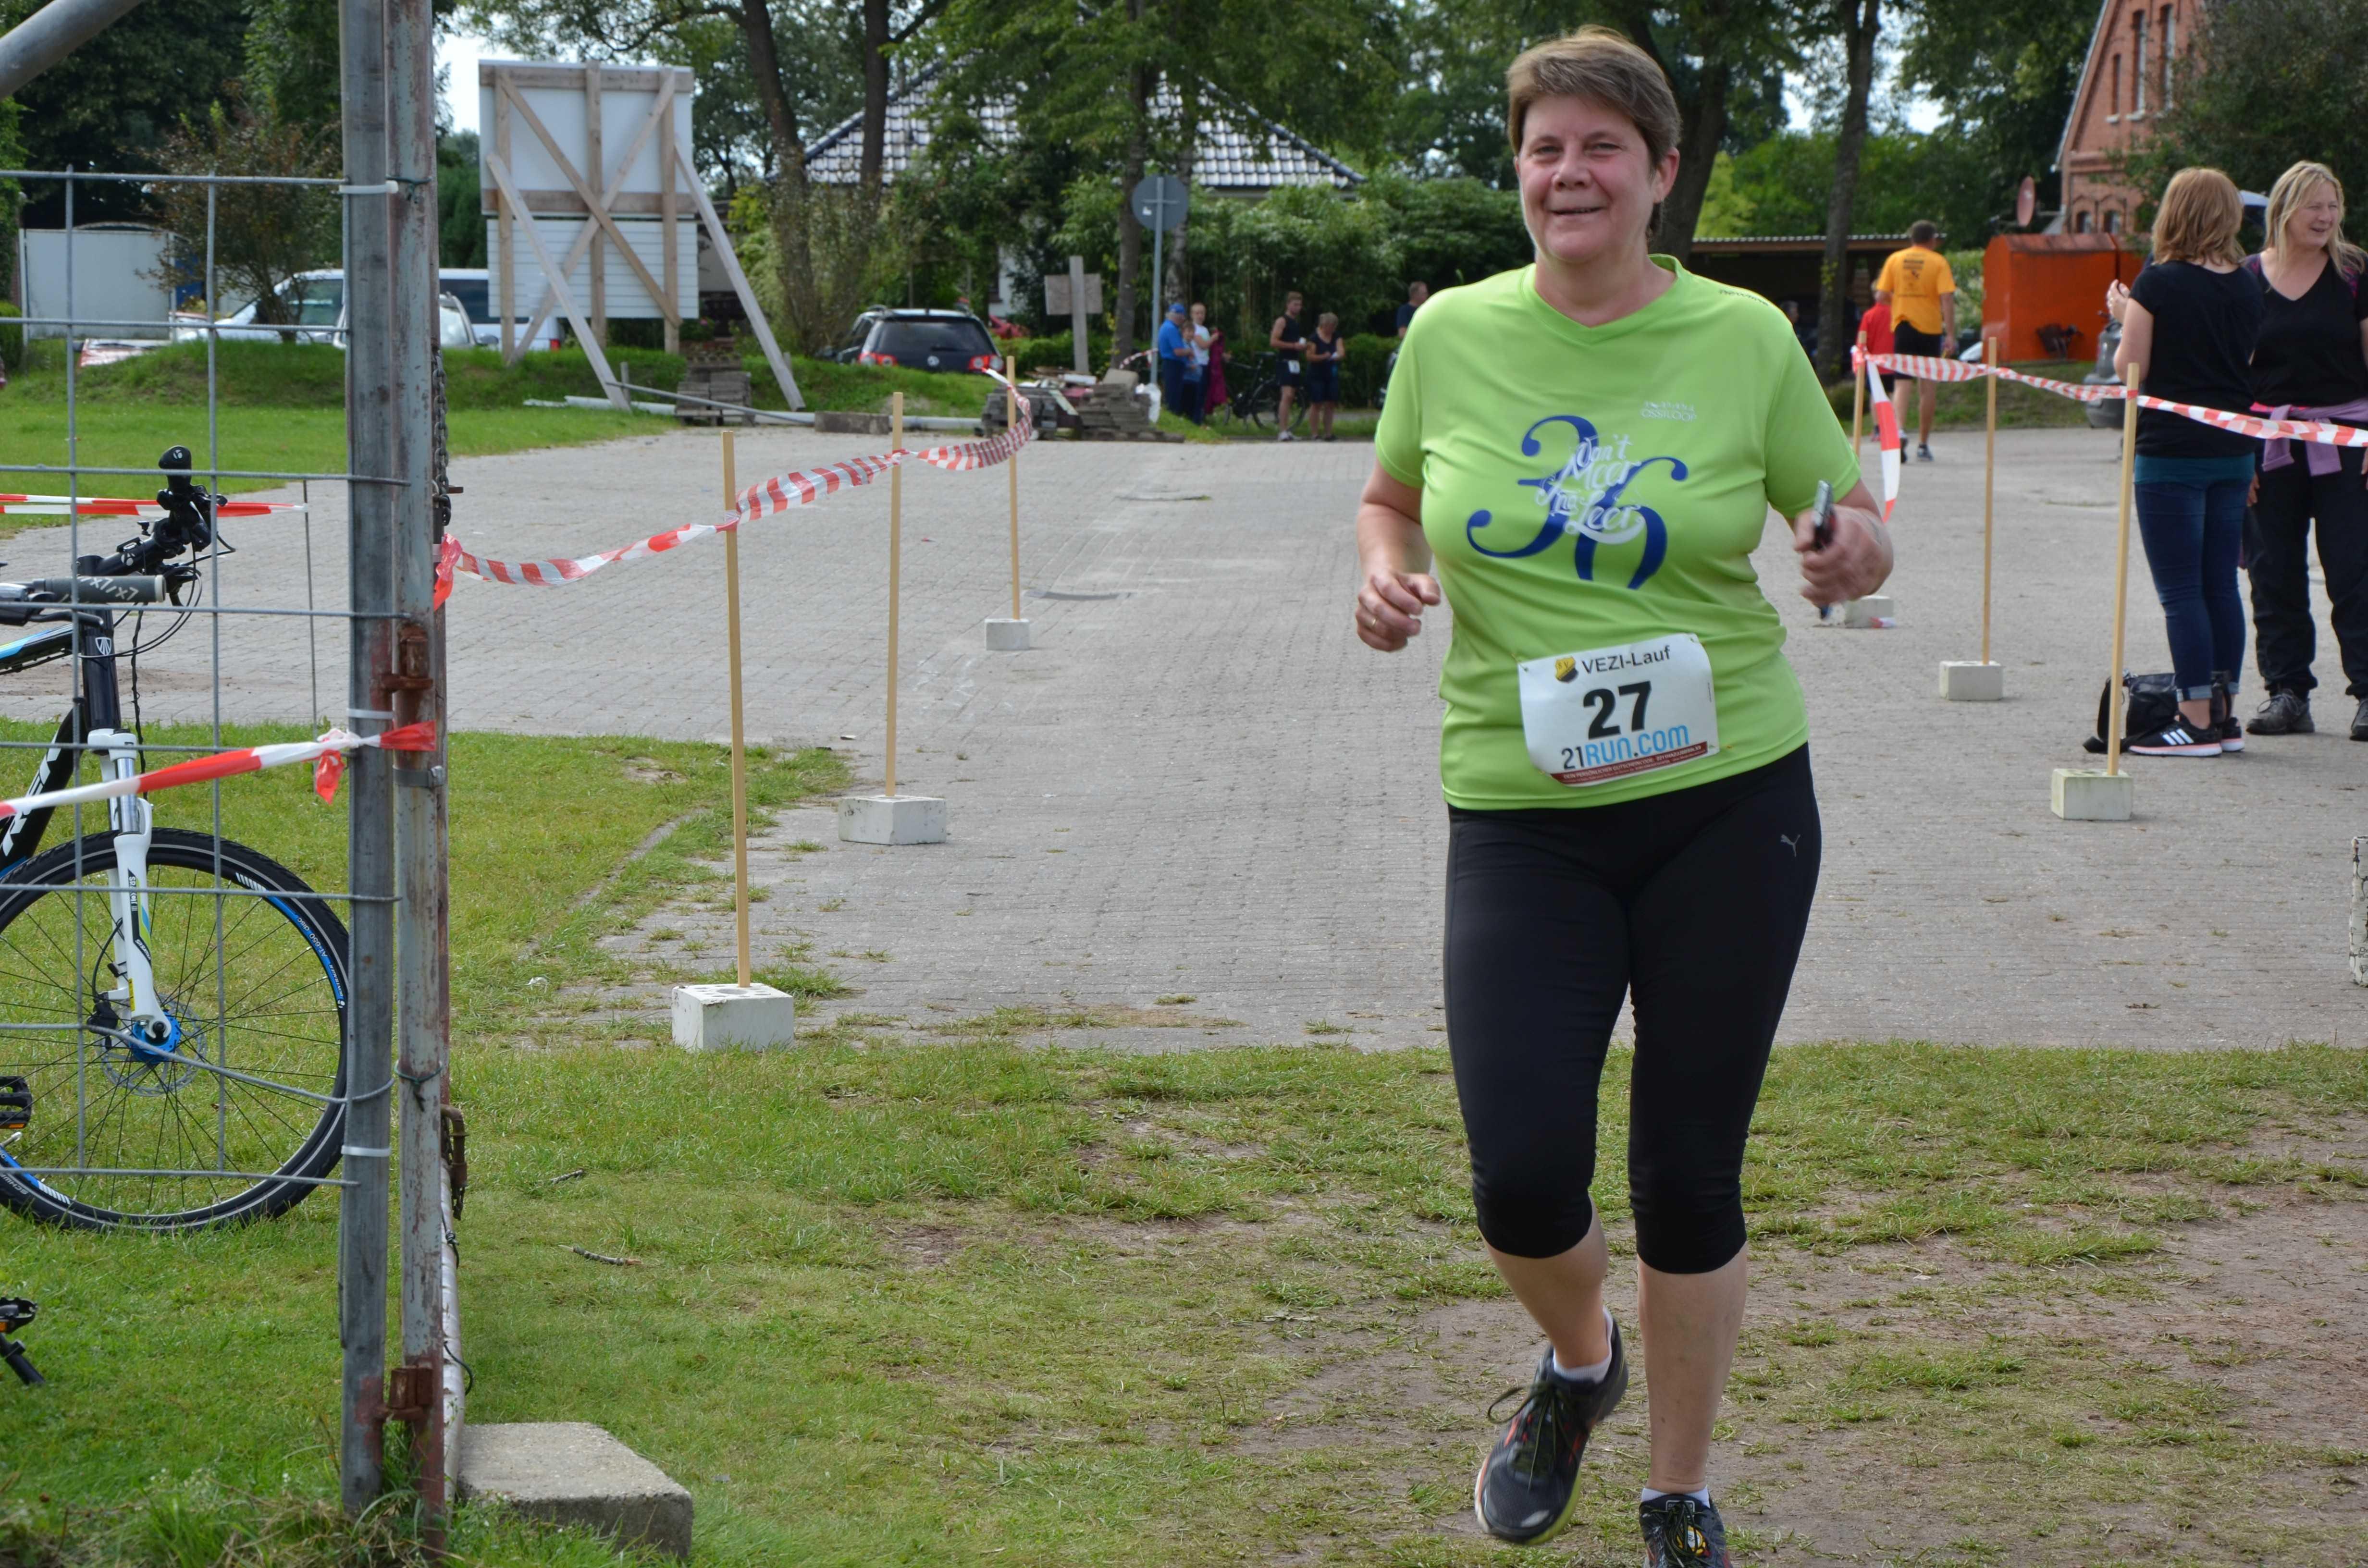 2017-08-05 Vezi Lauf (21)